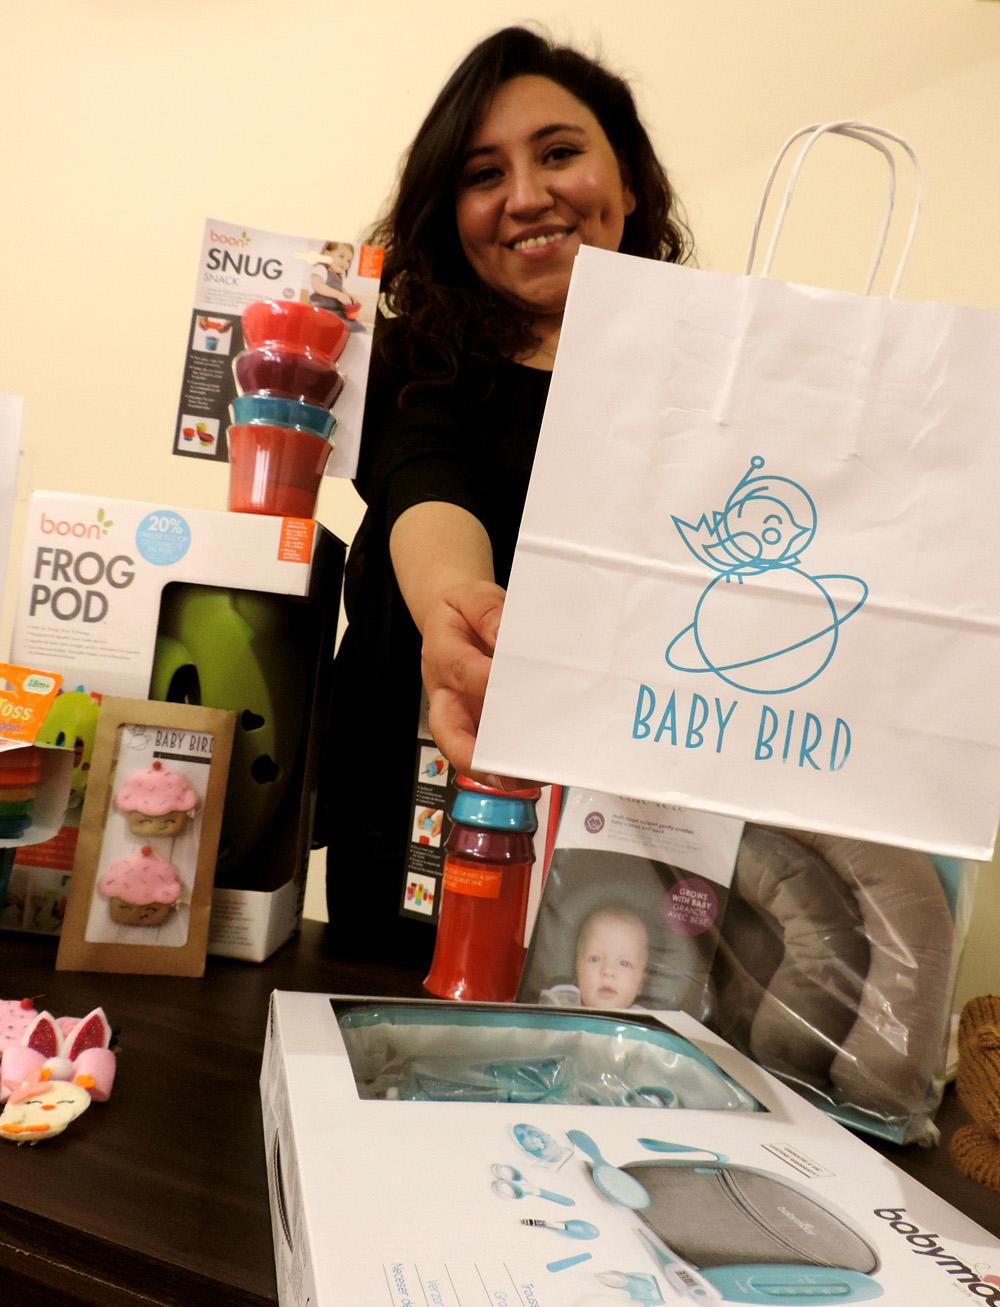 Baby Bird un emprendimiento exitoso con sello de mujer 1